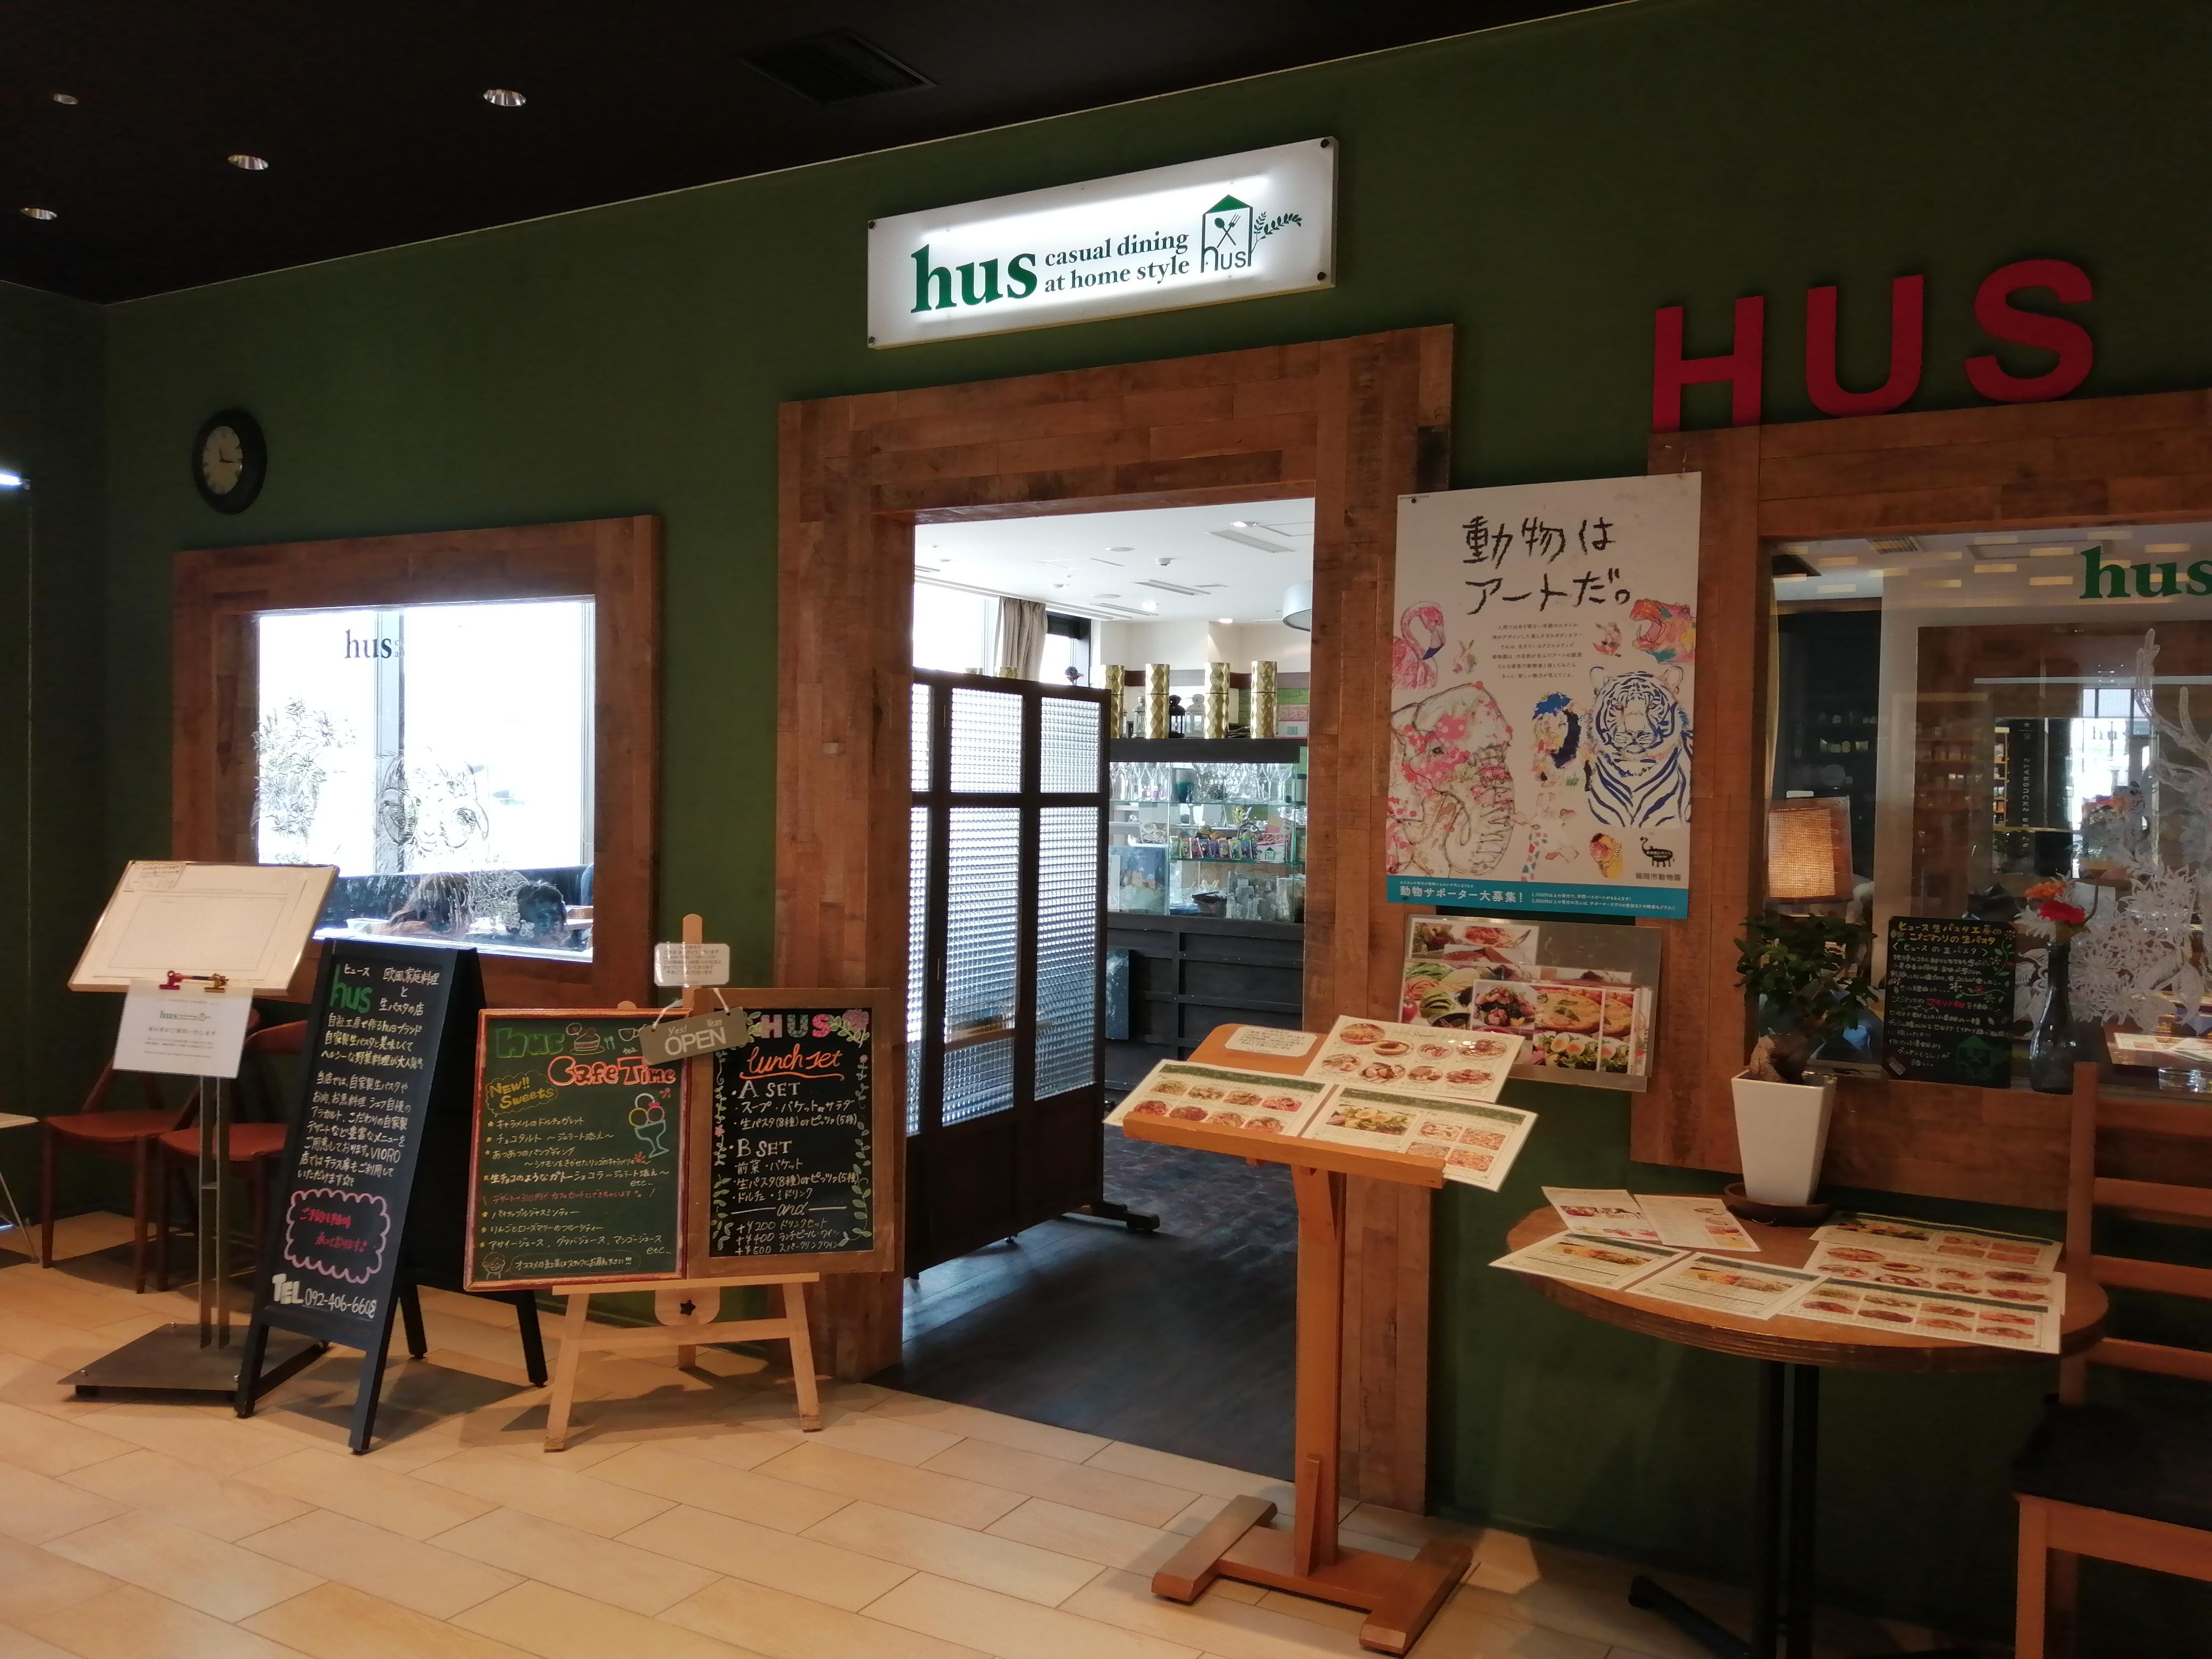 VIOROのカフェ「hus(ヒュース)」の入り口